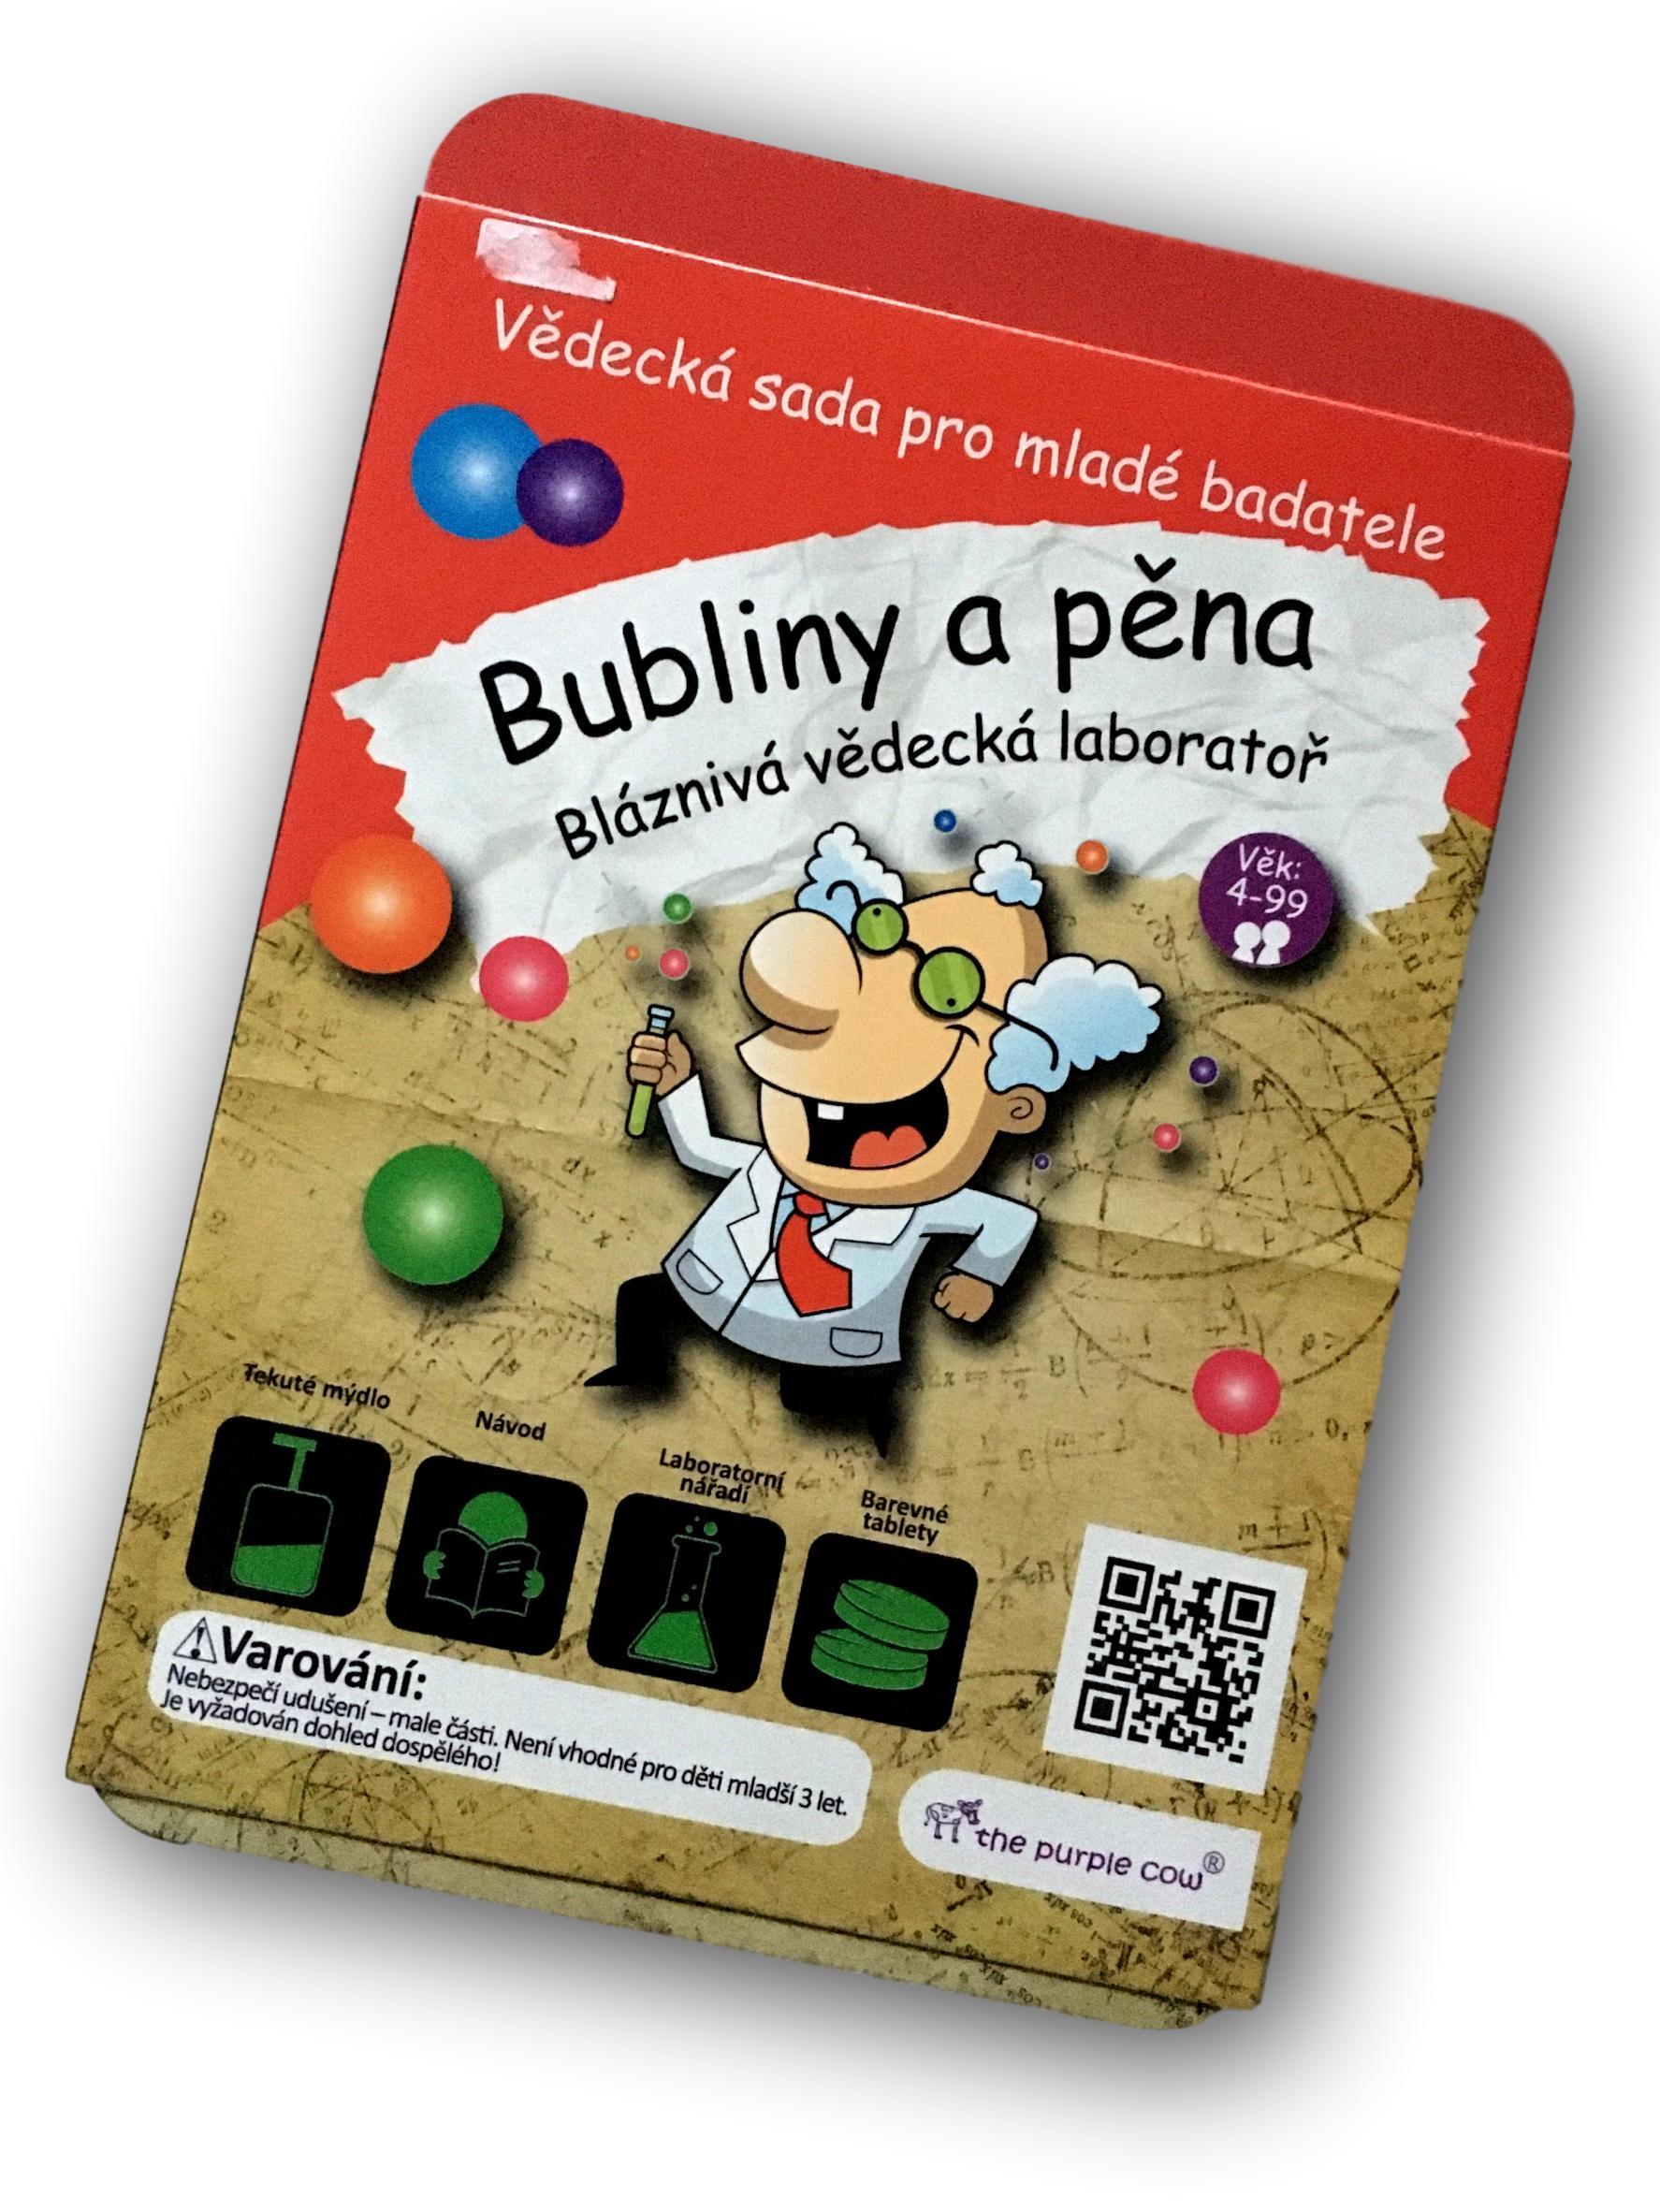 Bláznivá vědecká laboratoř - Bubliny a pěna